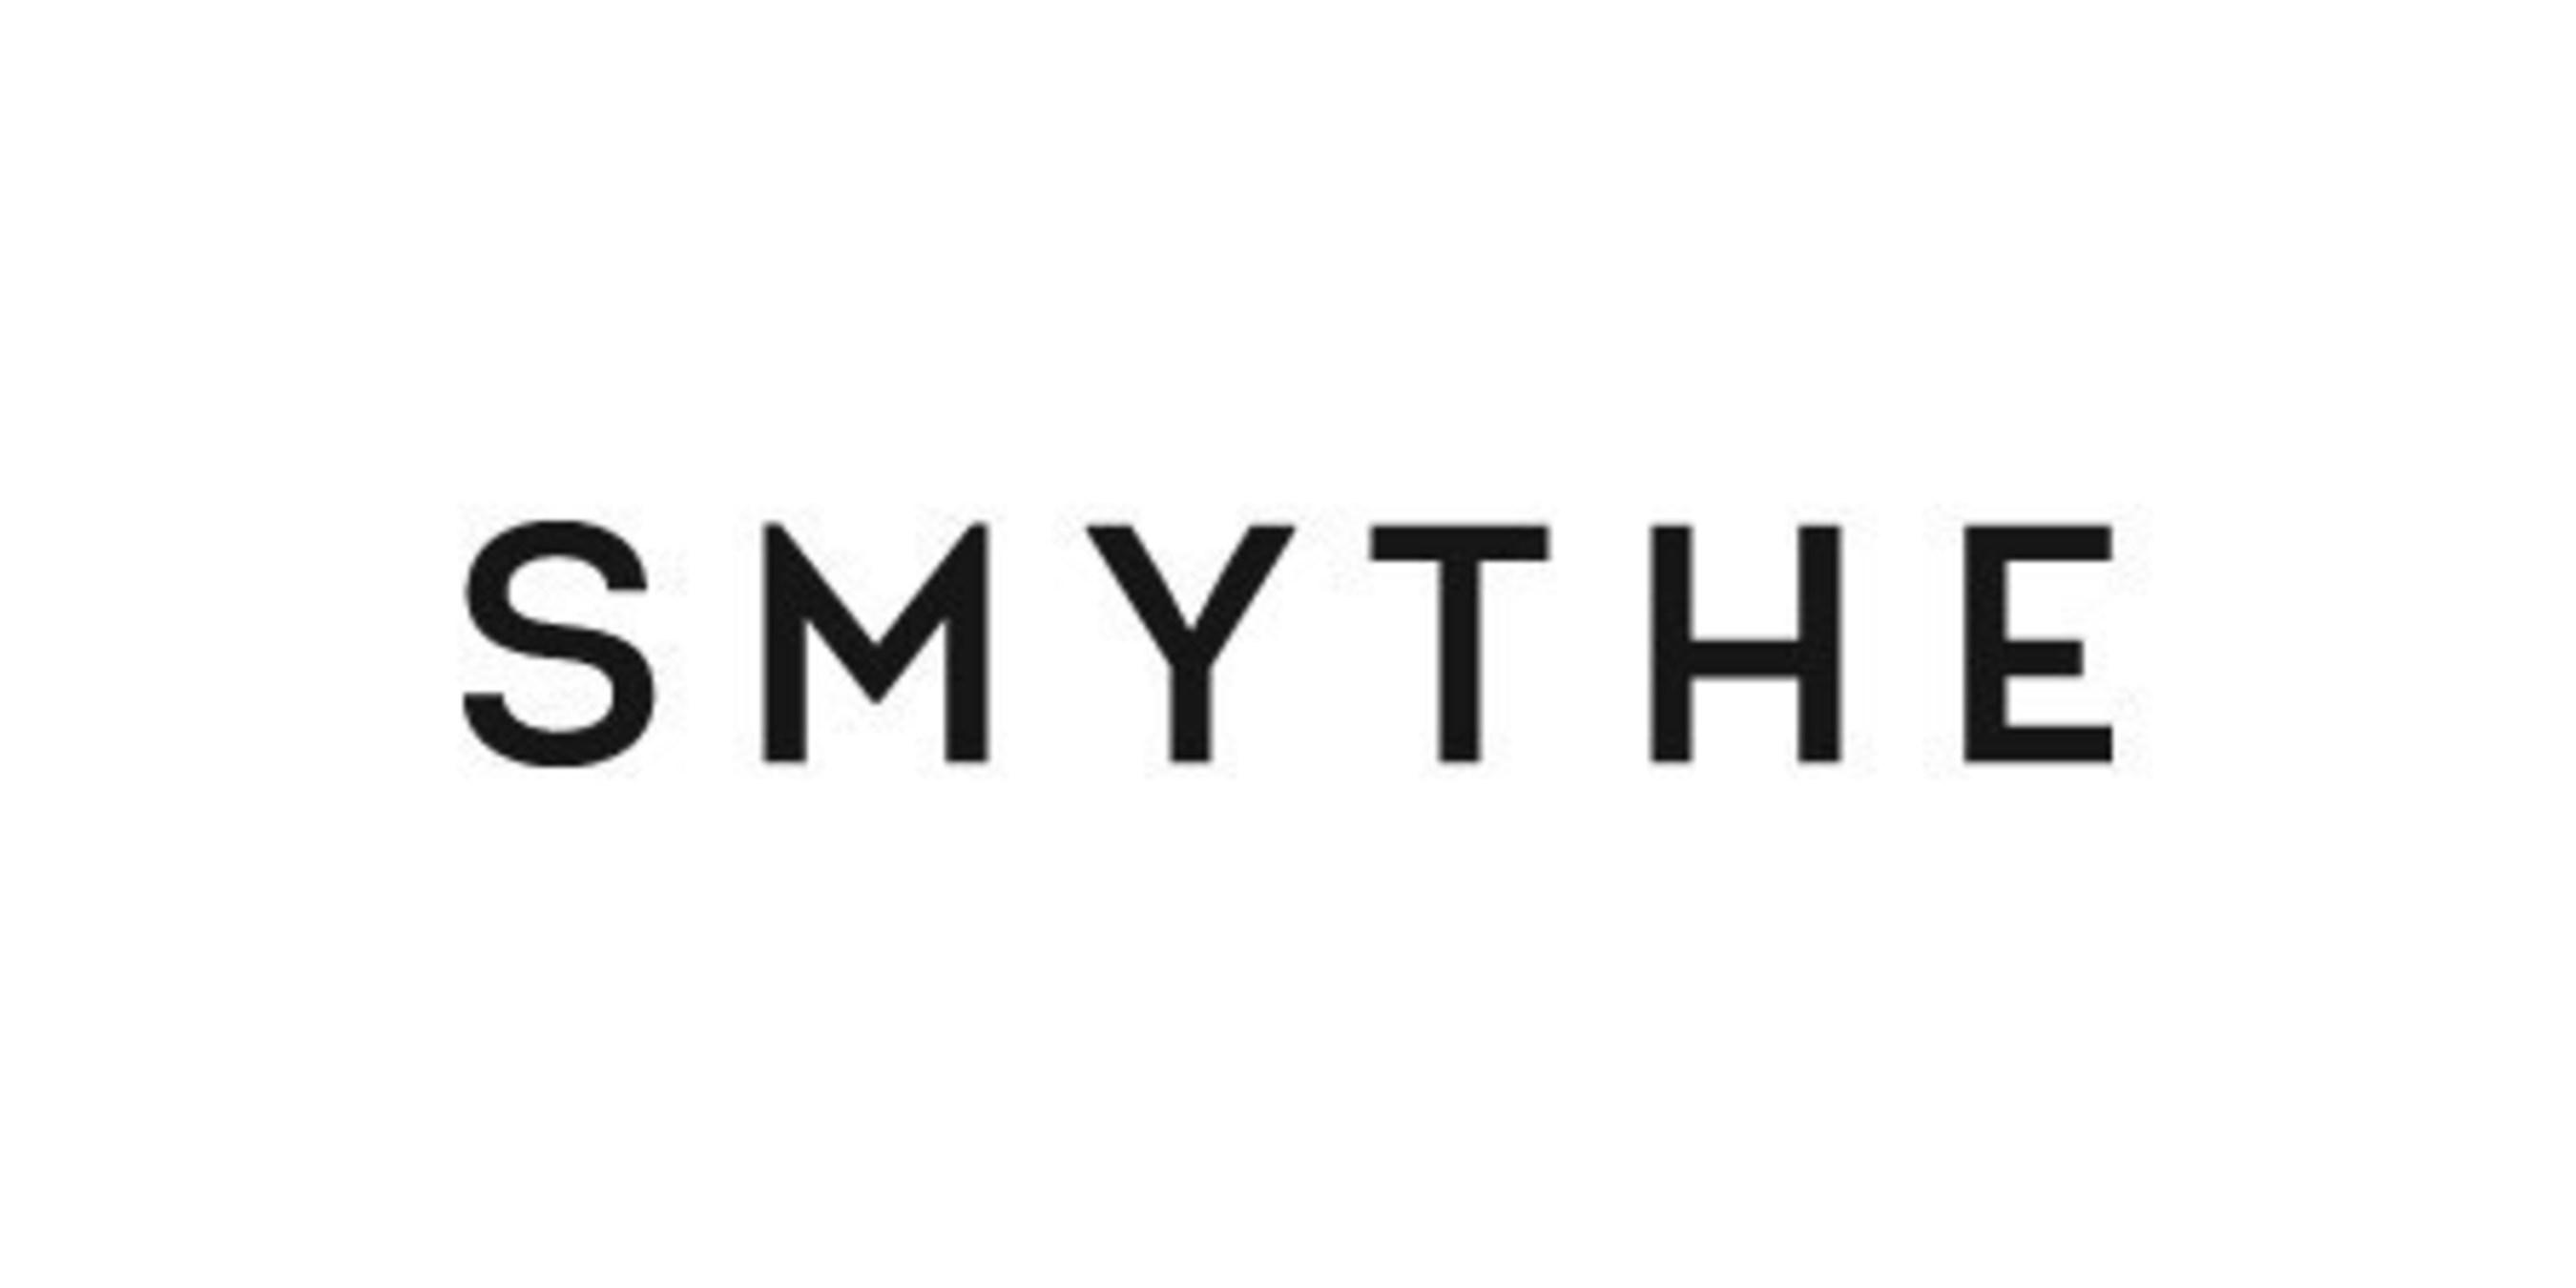 Image result for smythe the brand logo